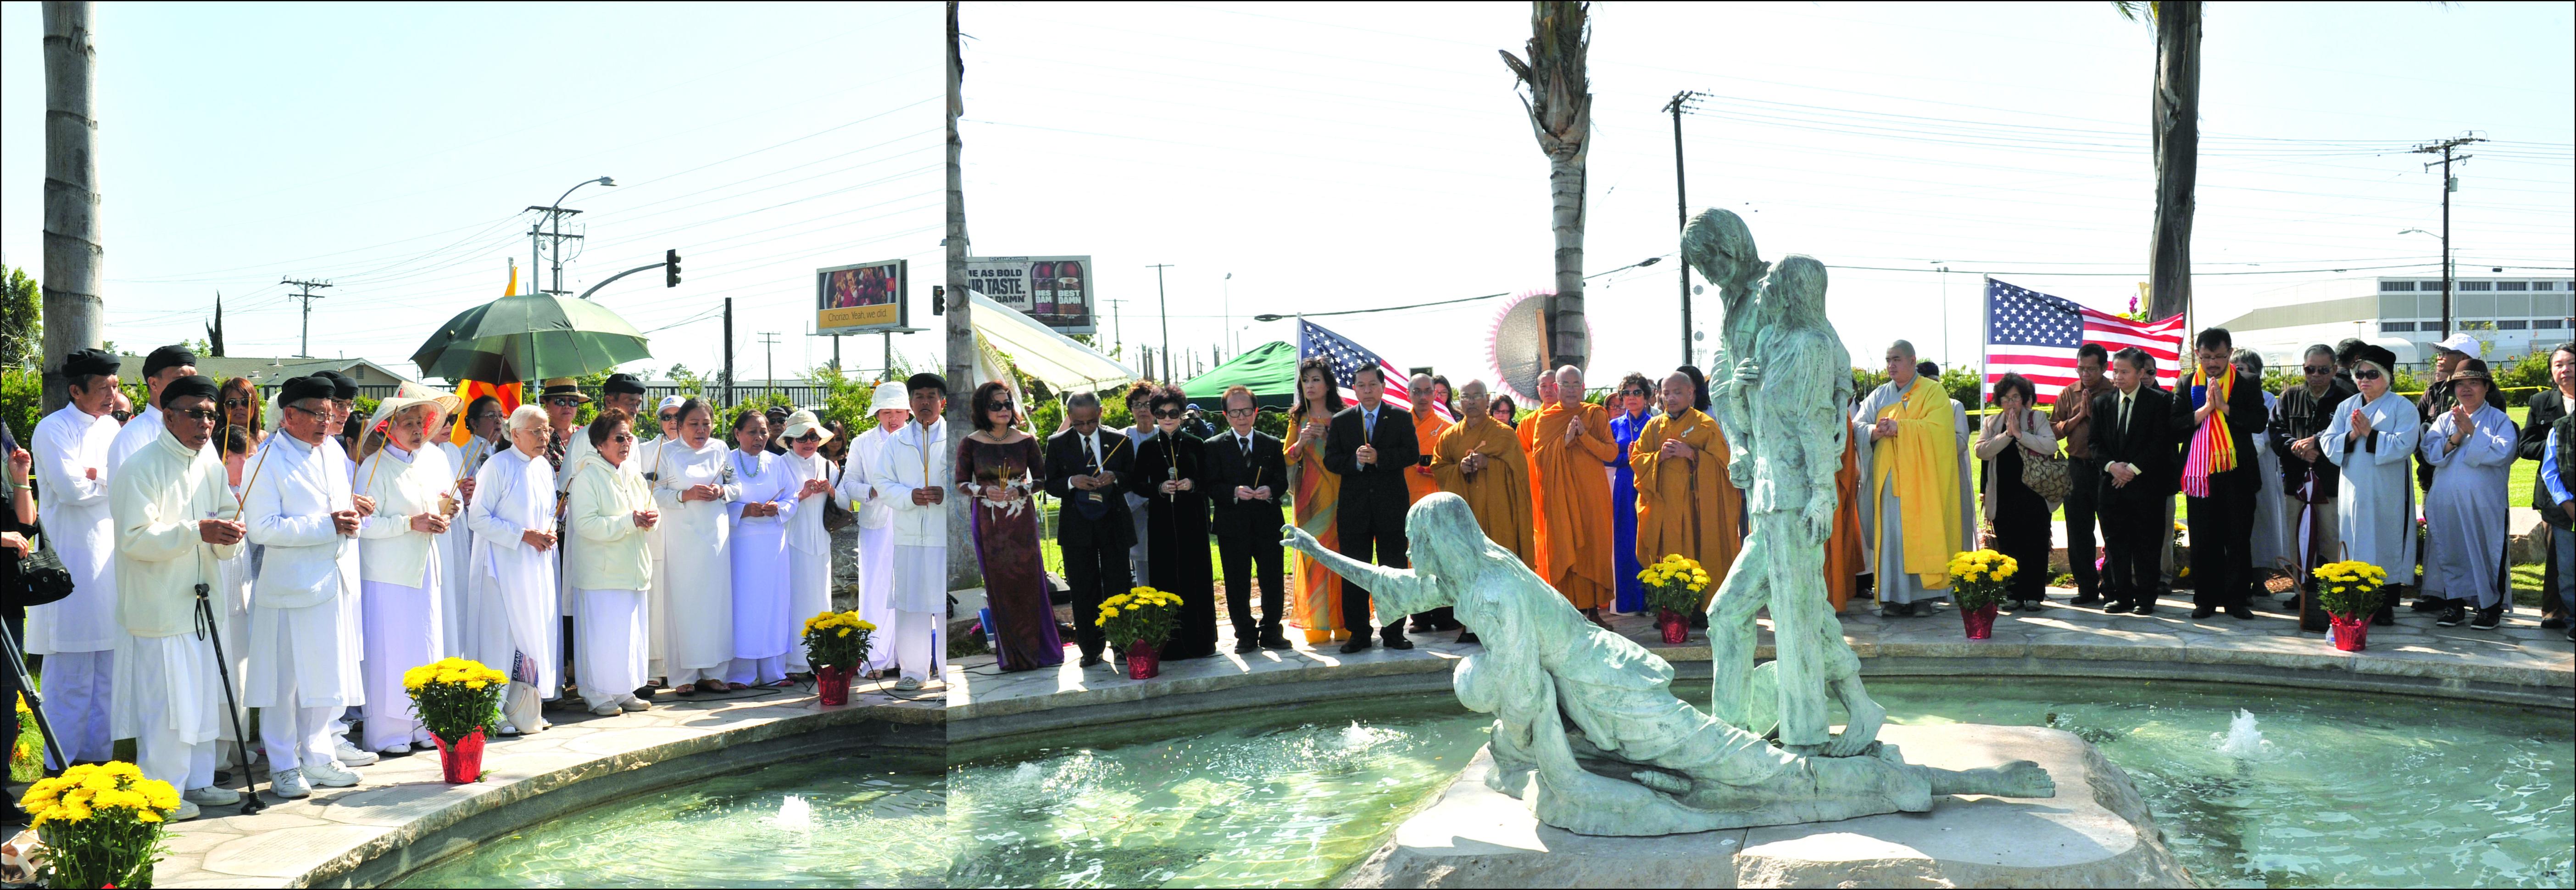 Kỷ niệm 10 năm ngày thành lập Đài Tưởng niệm Thuyền nhân Việt Nam